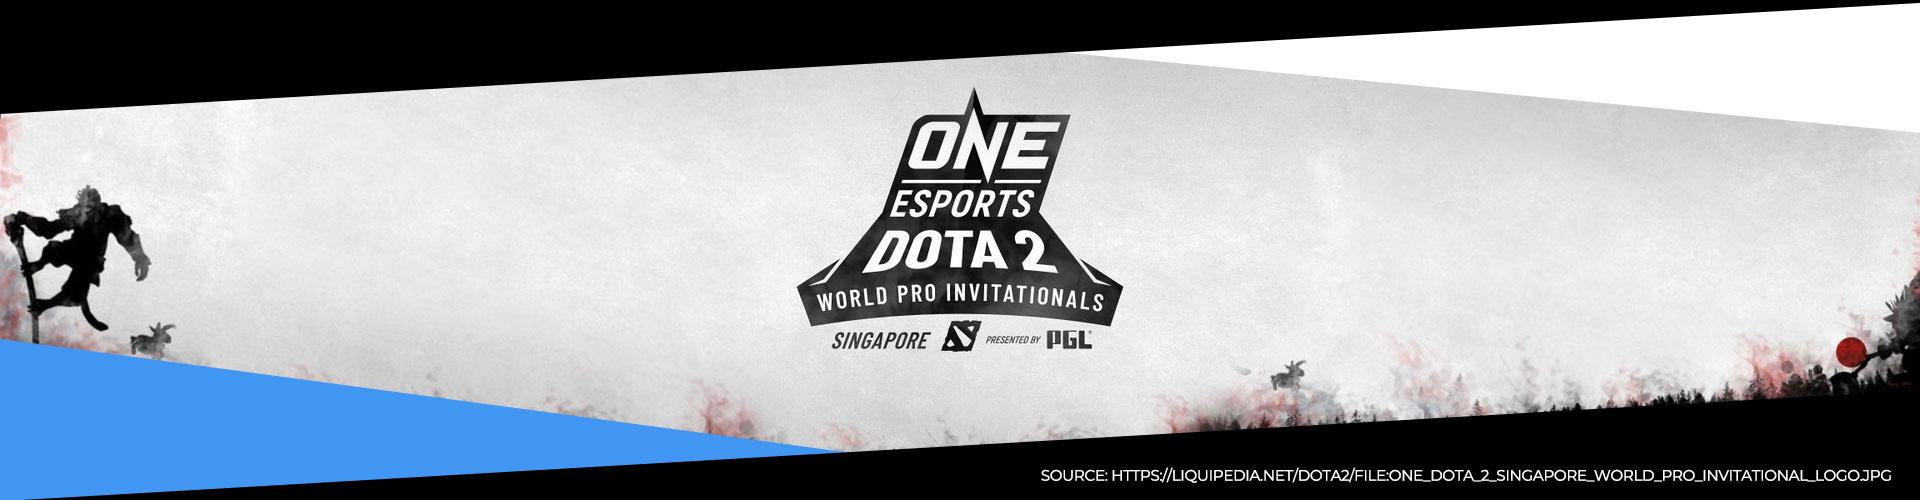 Denna eventsida för ONE Esports Dota 2 innehåller all information om turneringen.